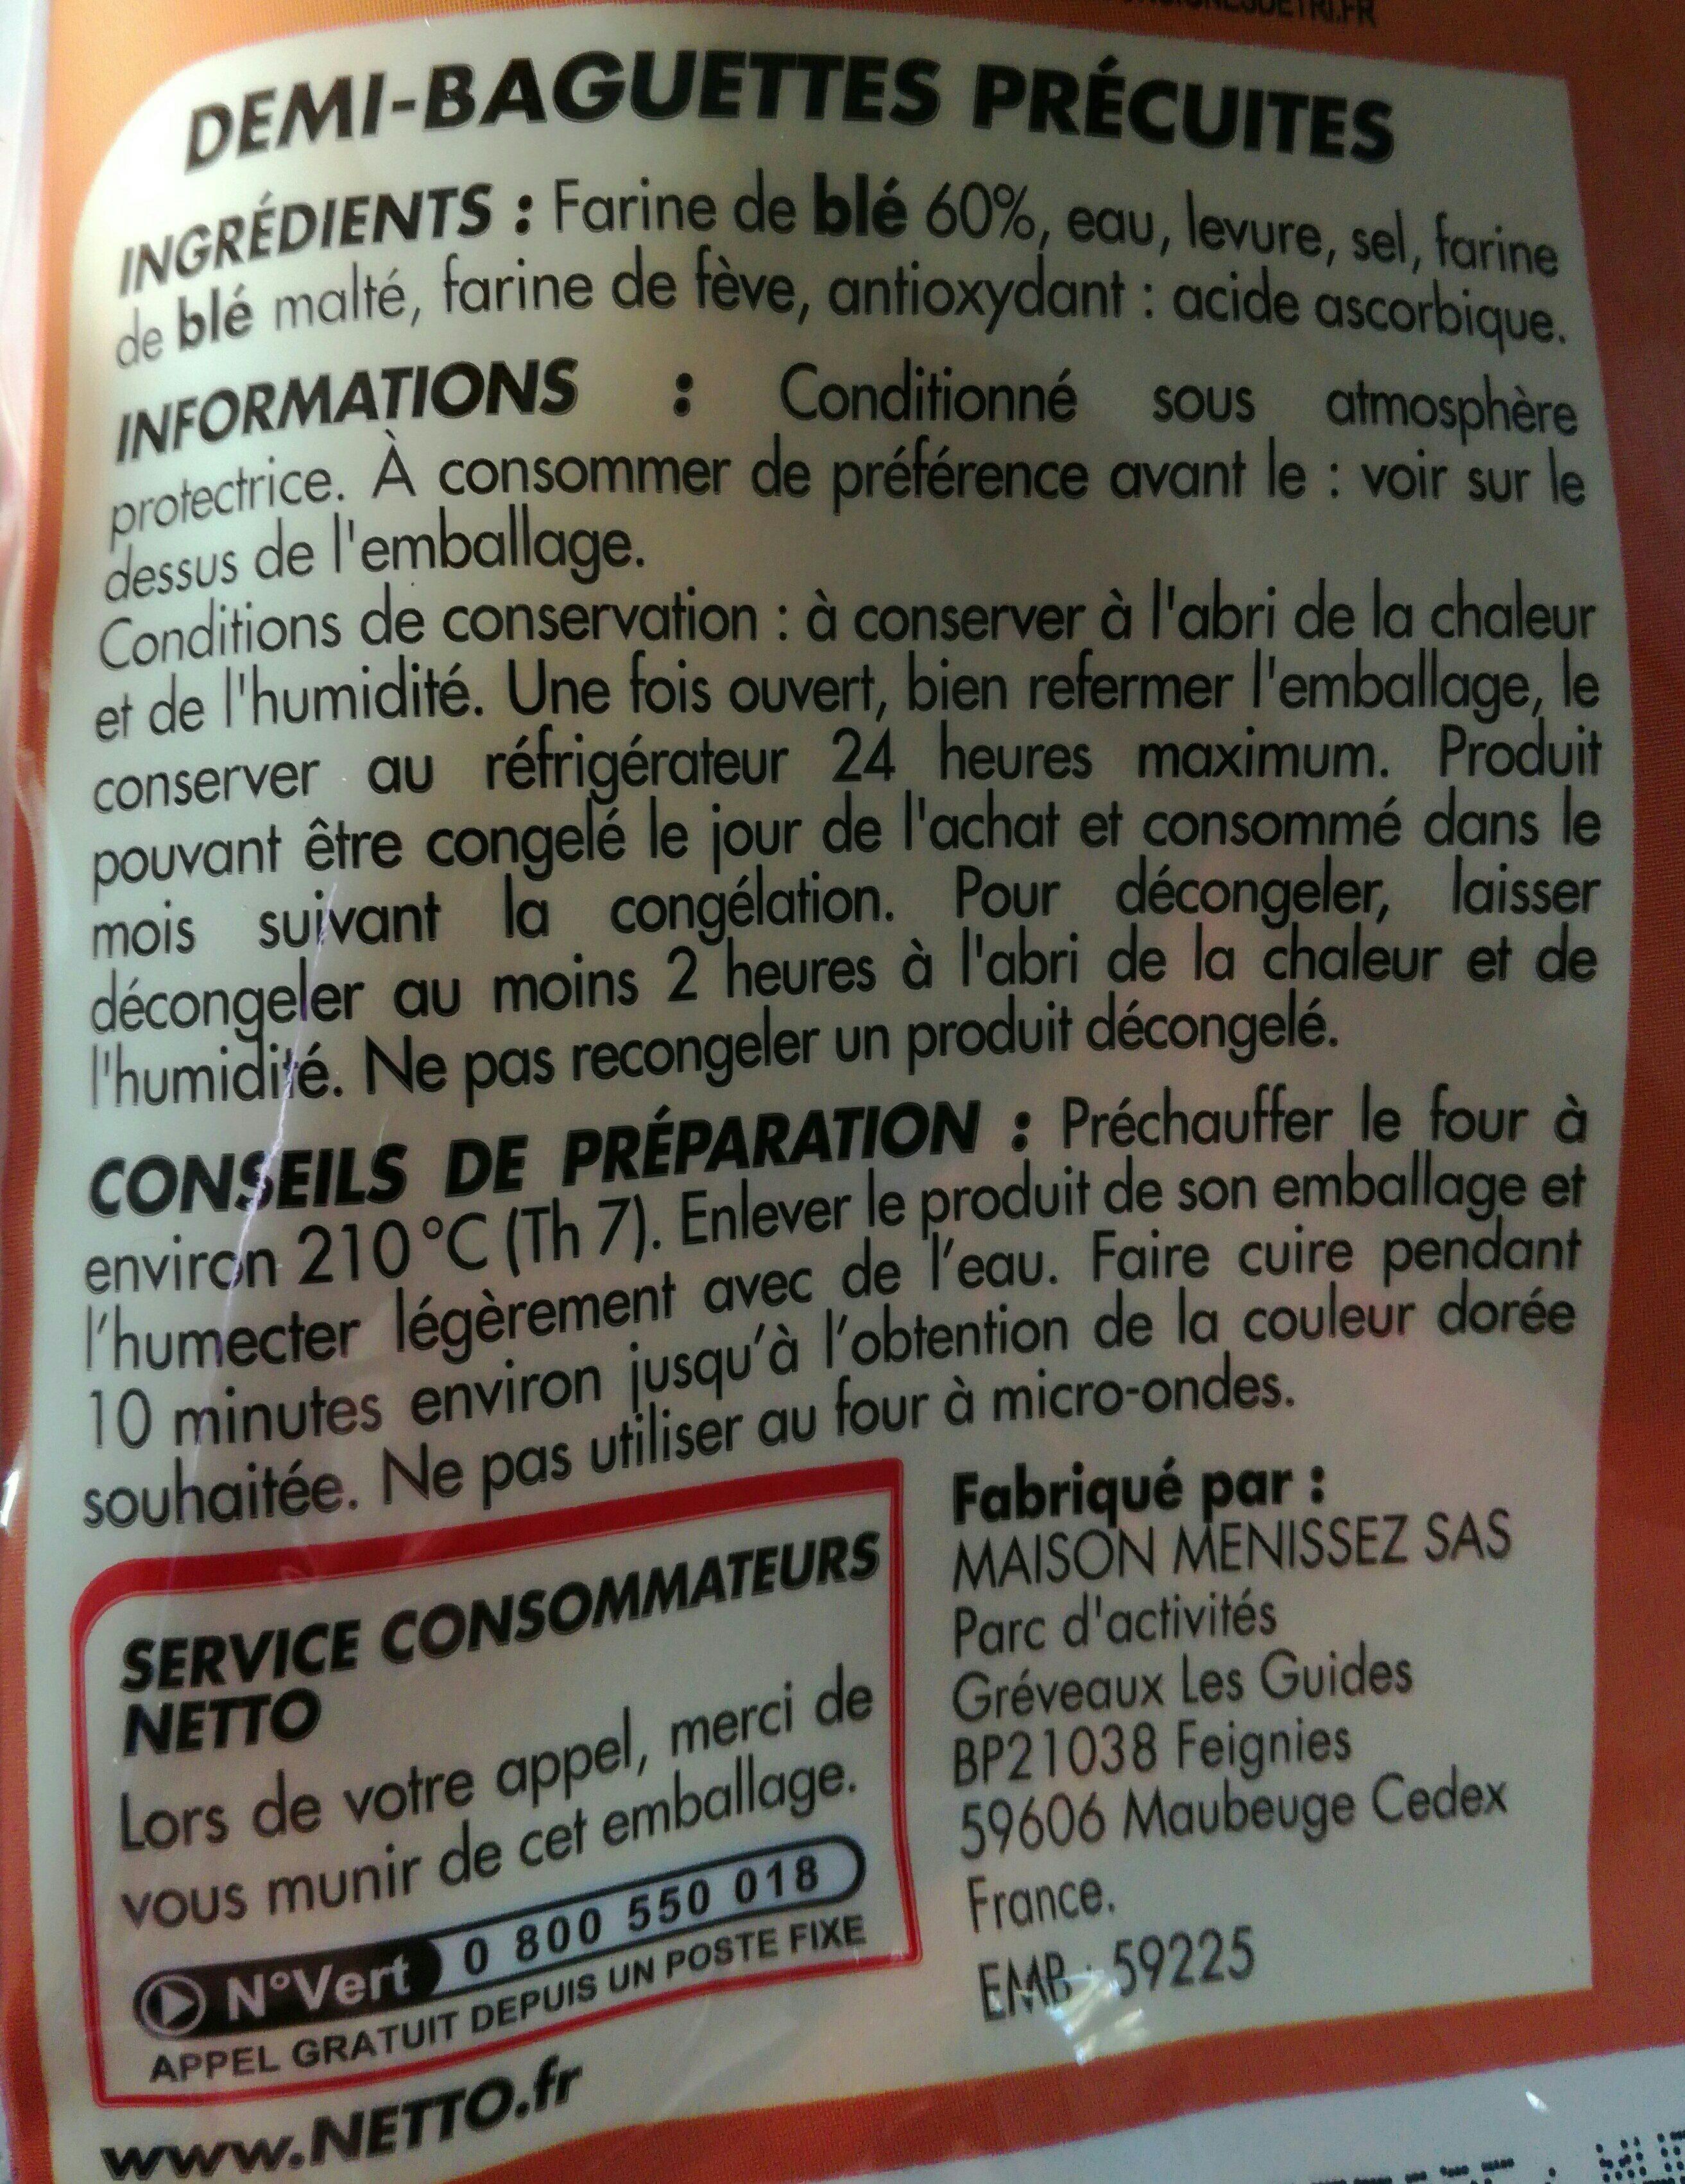 2 demi baguettes précuites - Ingrediënten - fr